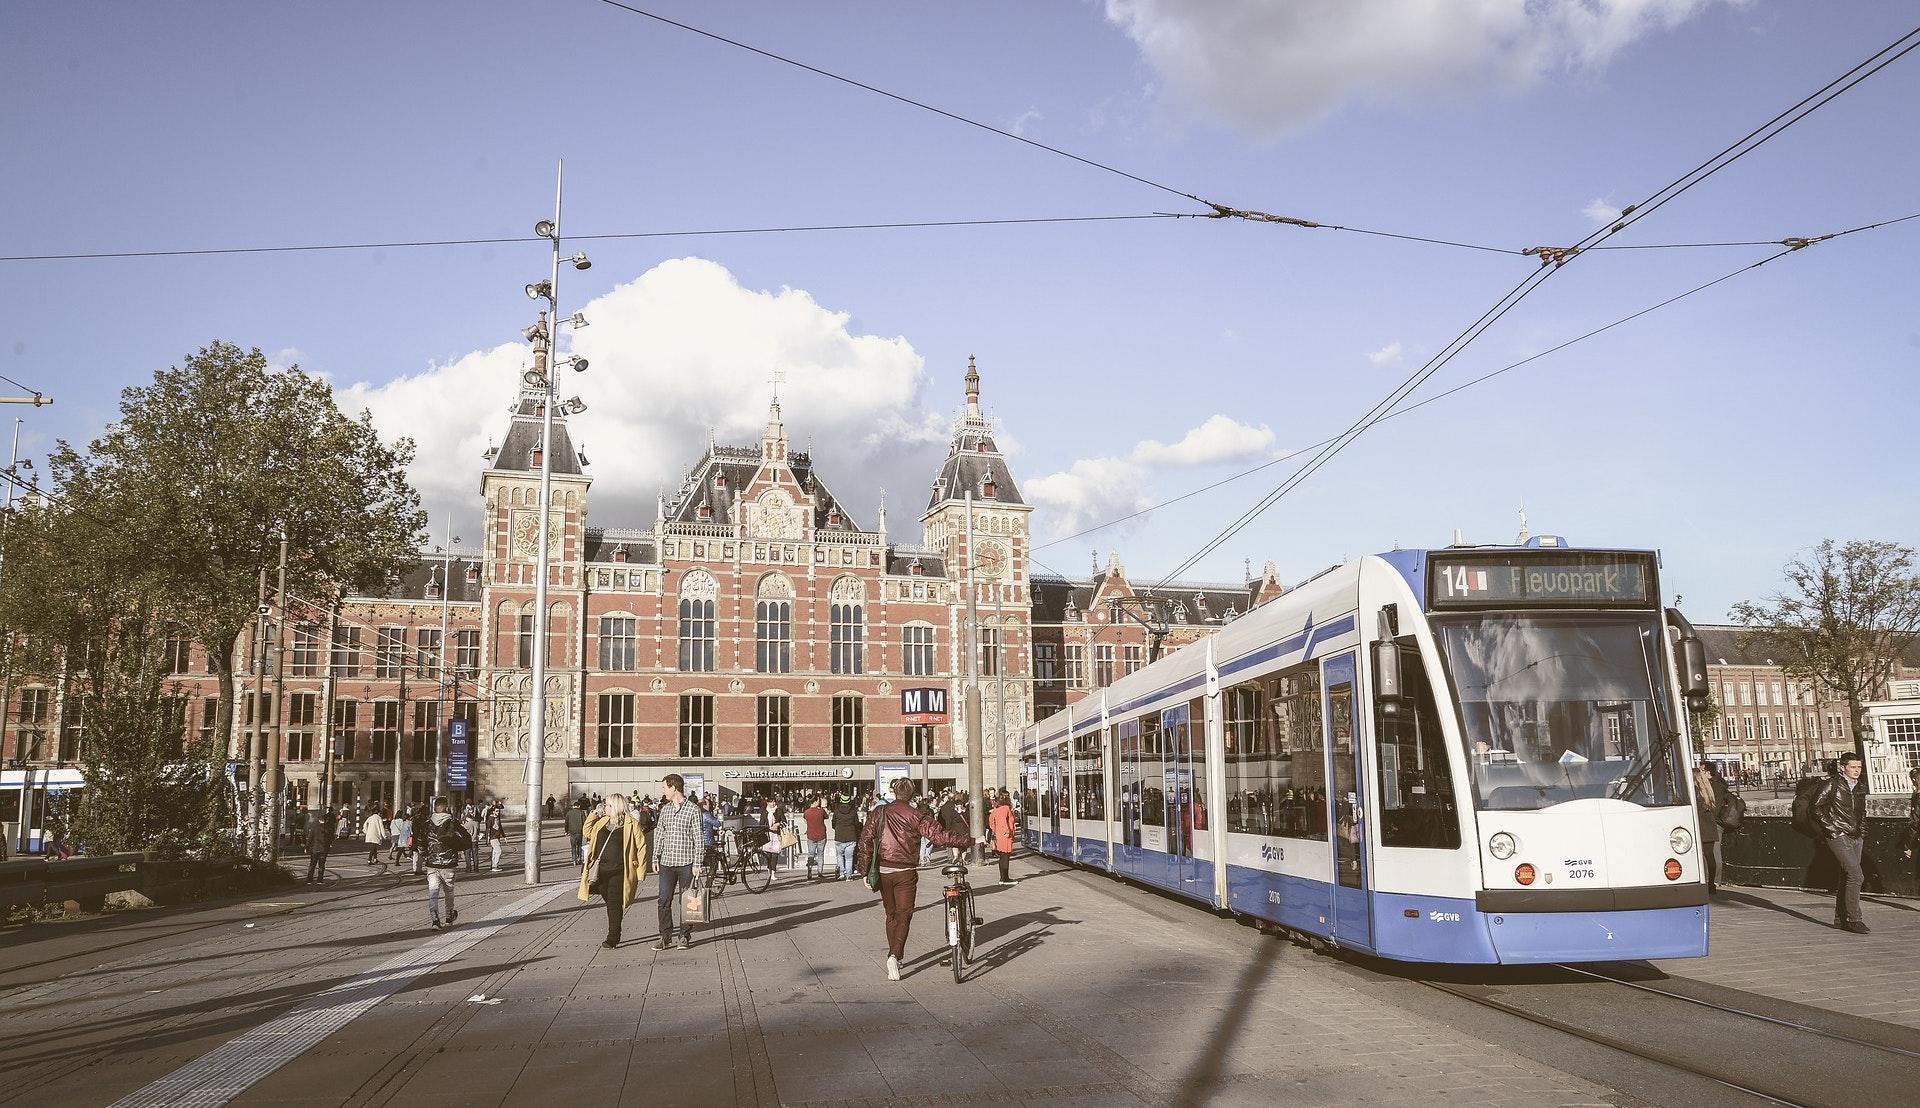 Amsterdam Centraal og trikk ©Rudy and Peter Skitterians, Pixabay